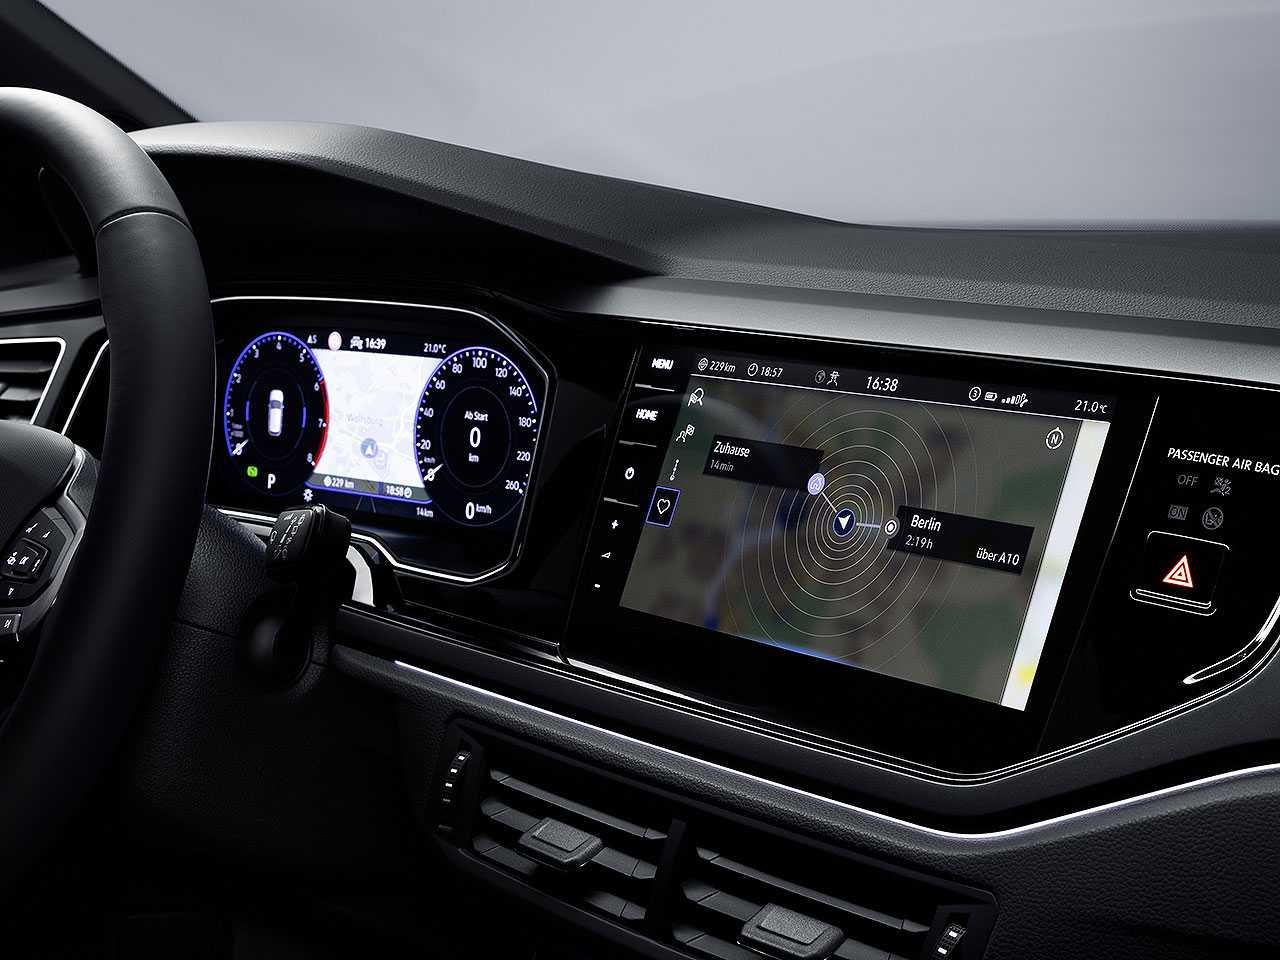 Novo Polo: Digital Cockpit será um item de série para o hatch nos mercados europeus